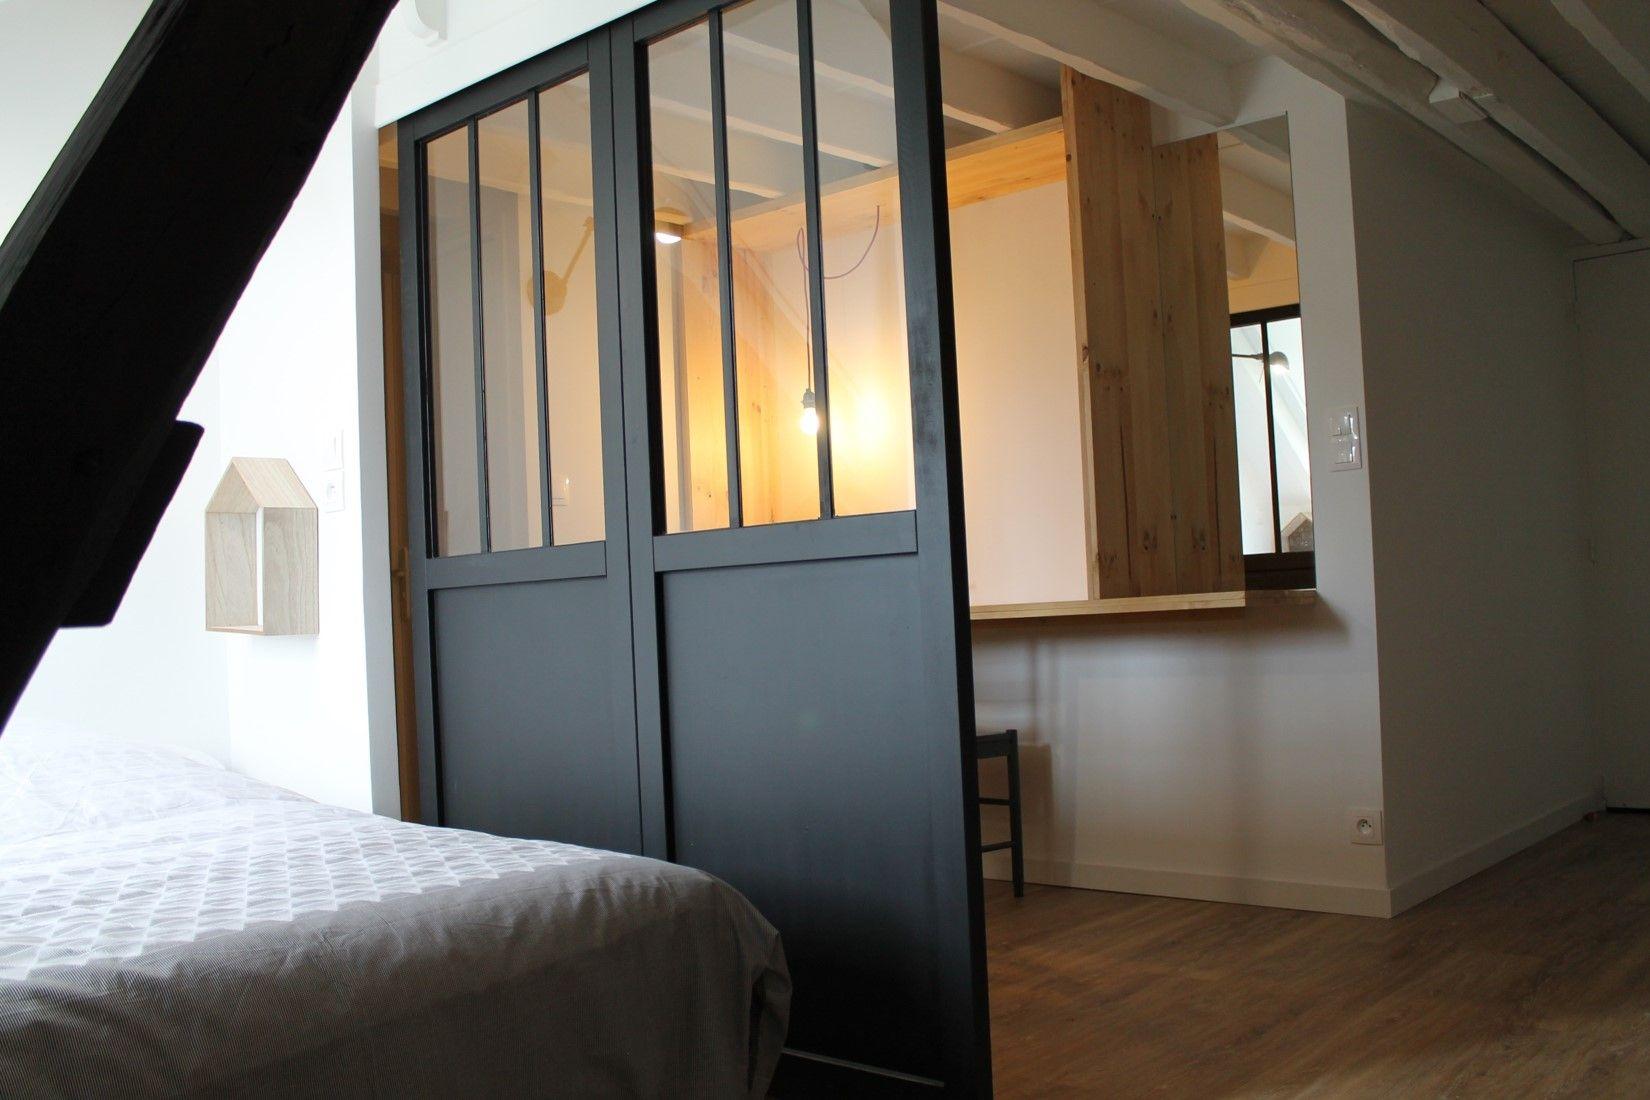 Cloison coulissante verrière style atelier noire pour délimiter le ...